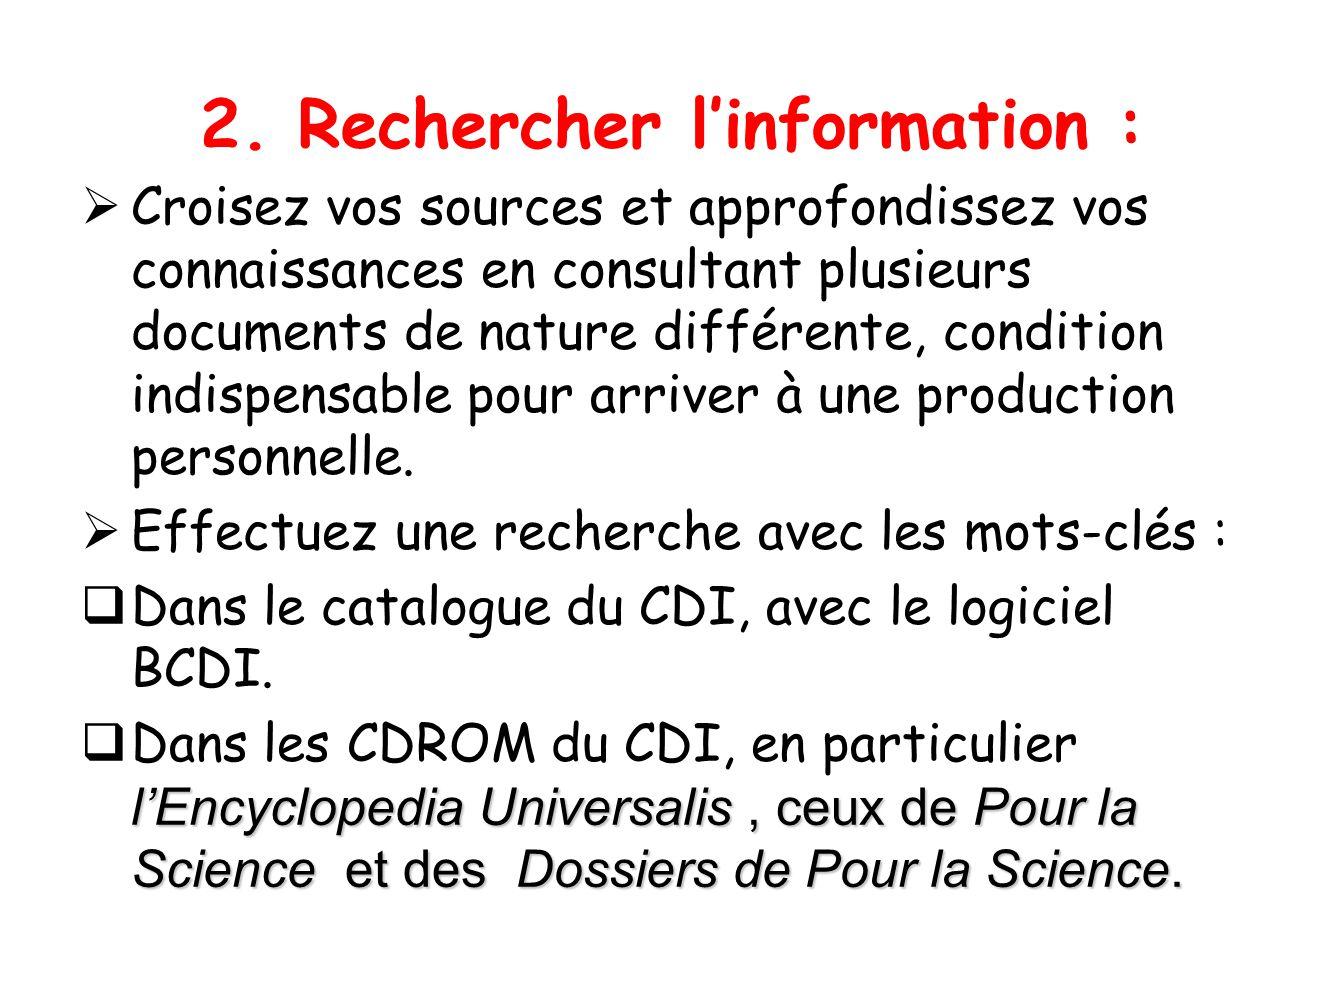 2. Rechercher linformation : Croisez vos sources et approfondissez vos connaissances en consultant plusieurs documents de nature différente, condition